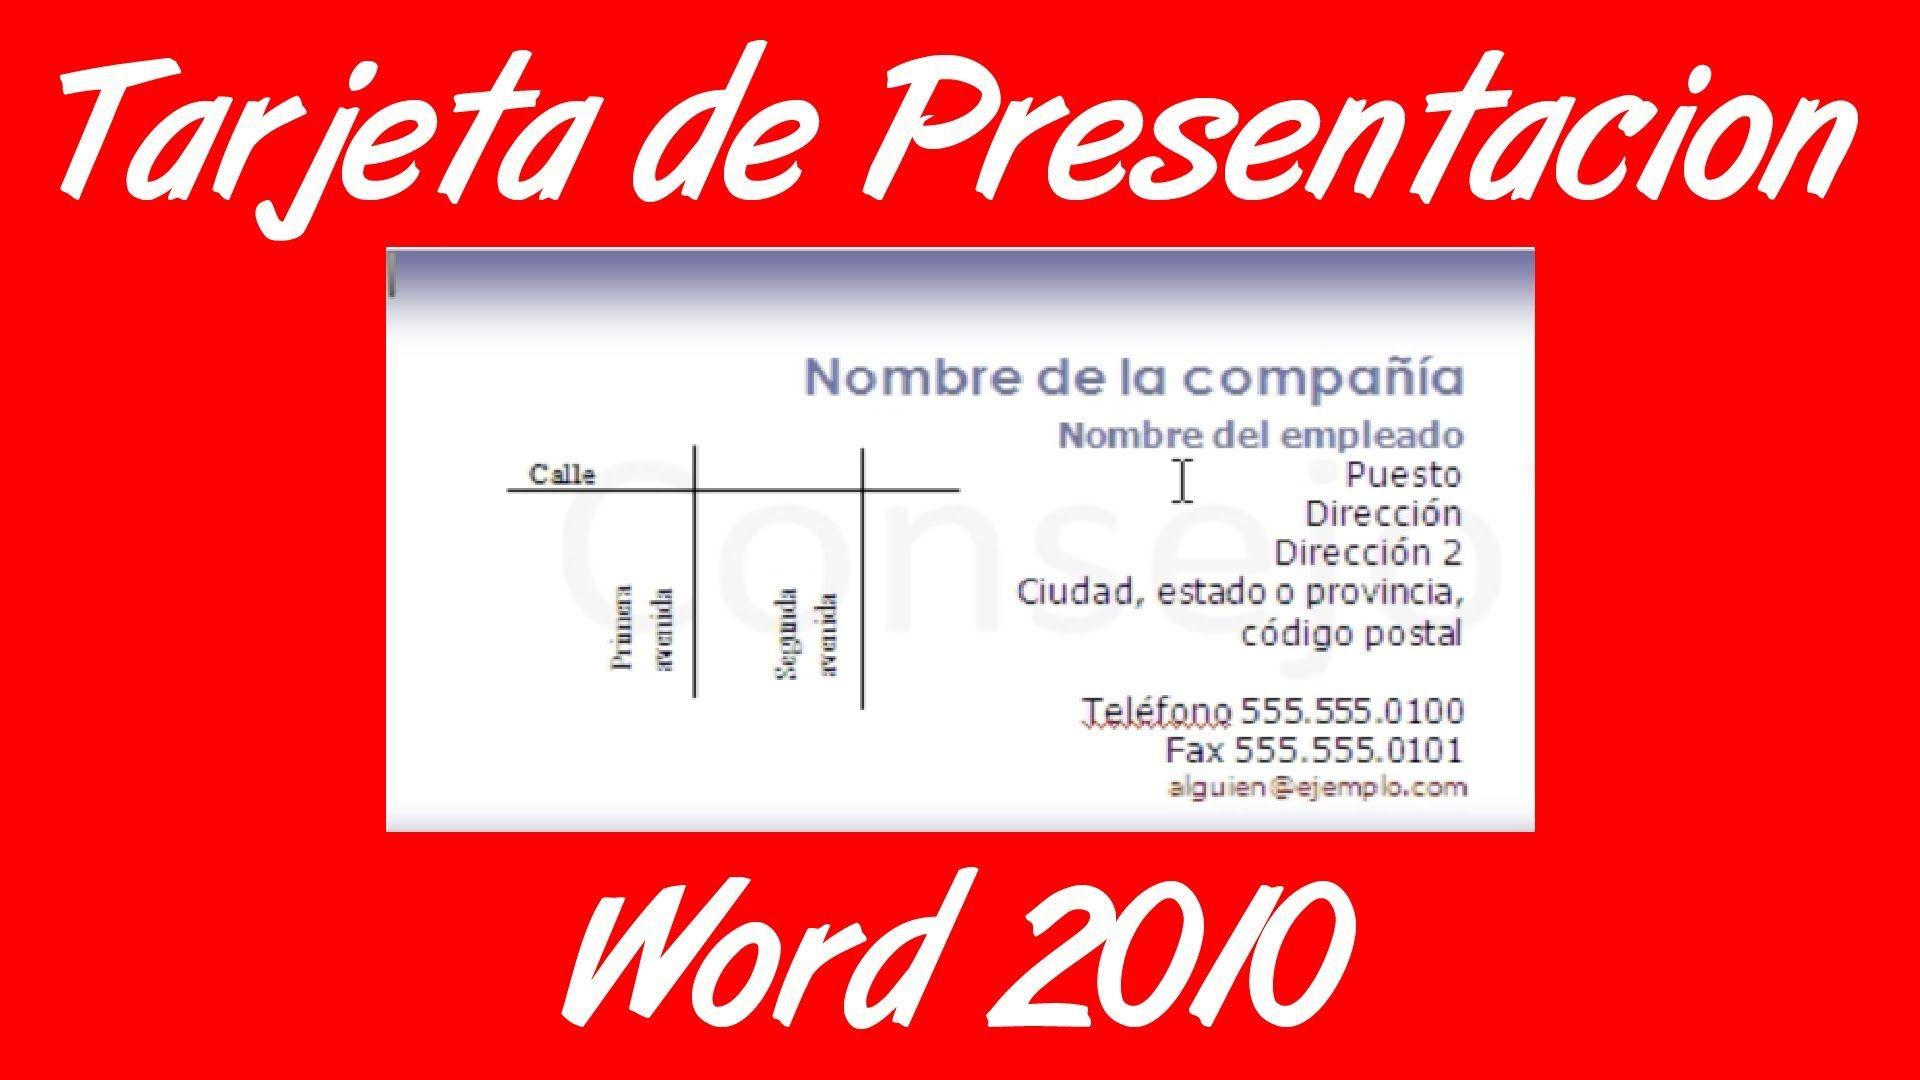 Como hacer una tarjeta de presentacion en word 2007 2010 business como hacer una tarjeta de presentacion en word 2007 2010 business cards reheart Gallery